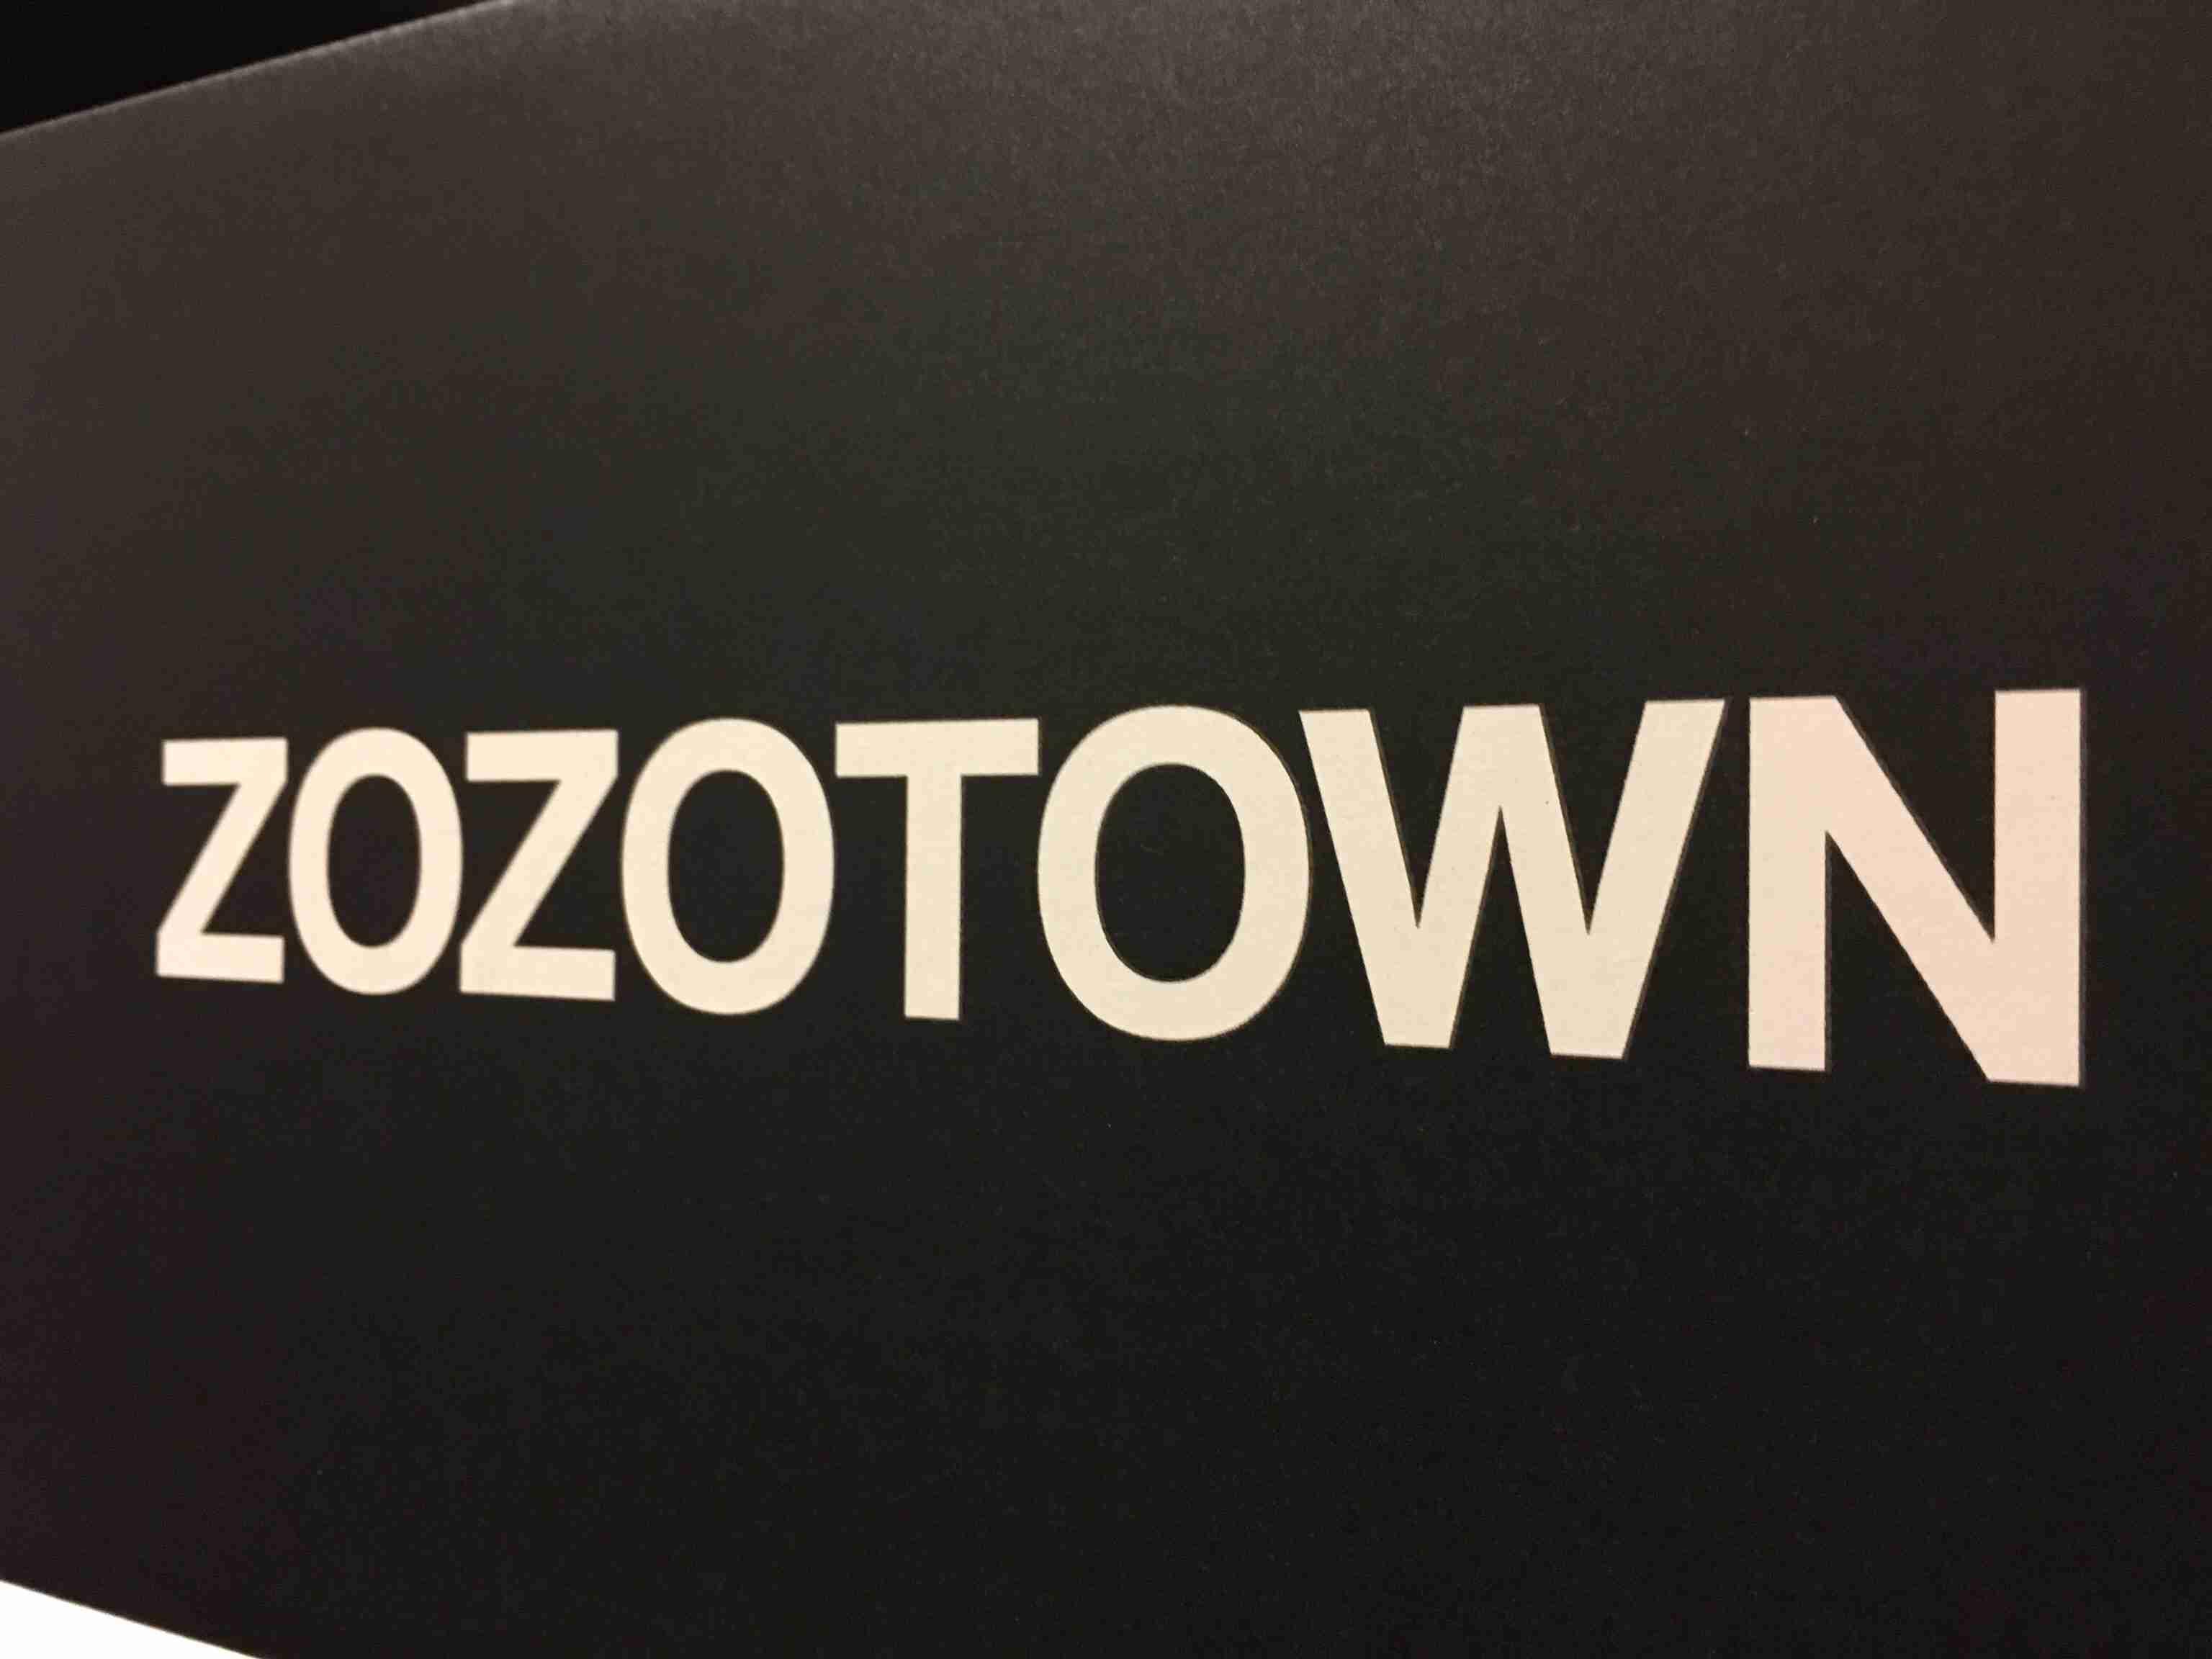 スタートトゥデイがプライベートブランドの名称を「ZOZO (ゾゾ)」と発表 - エキサイトニュース